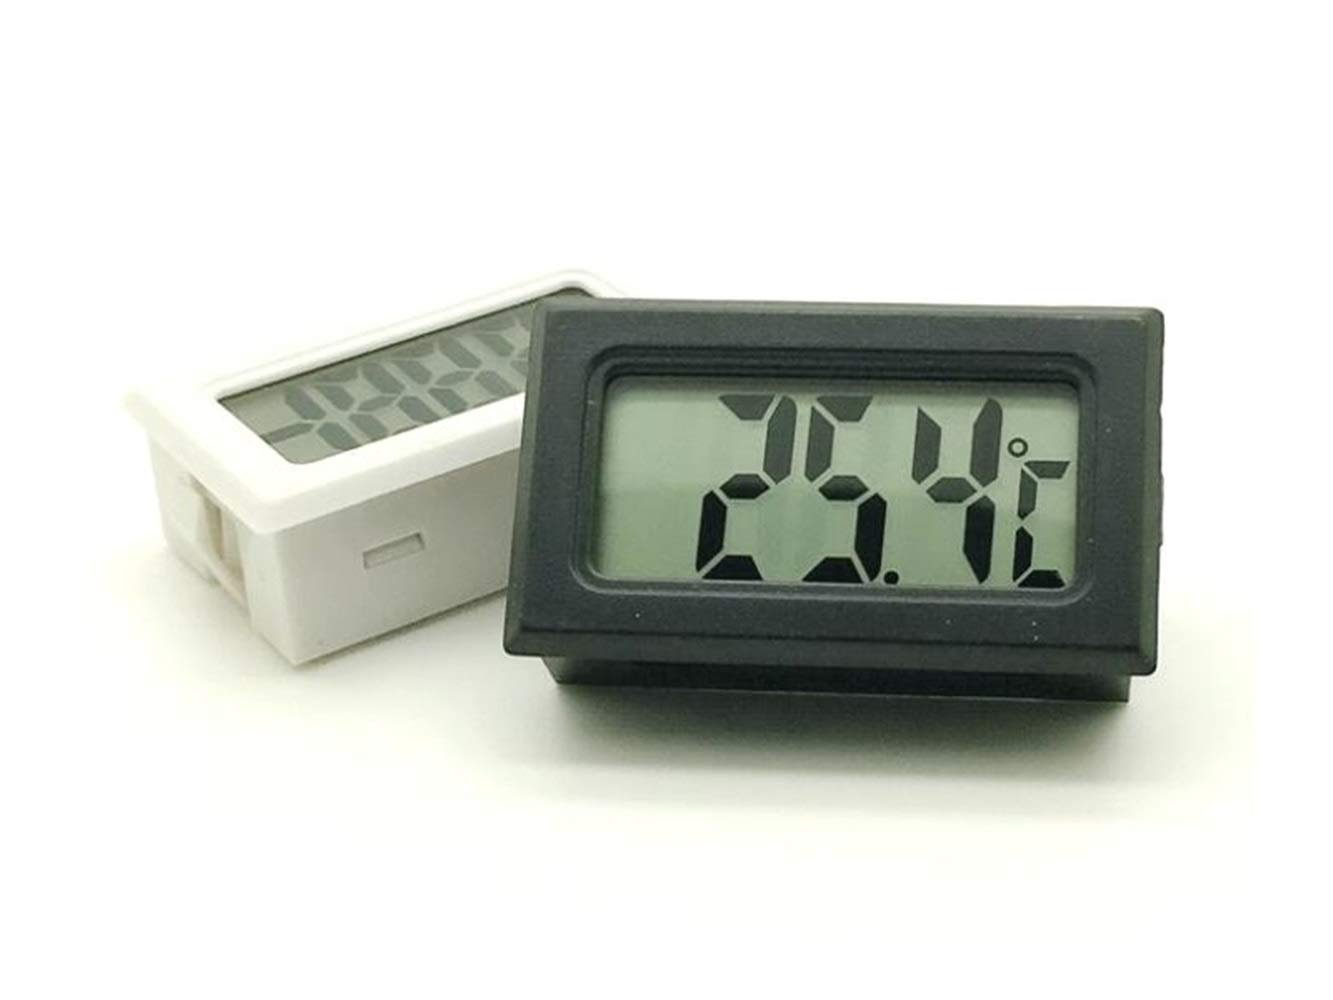 QWhing Creativo Calibro del misuratore di umidita per interni misuratore di umidit/à del termometro digitale incorporato mini Accessori per la casa nero